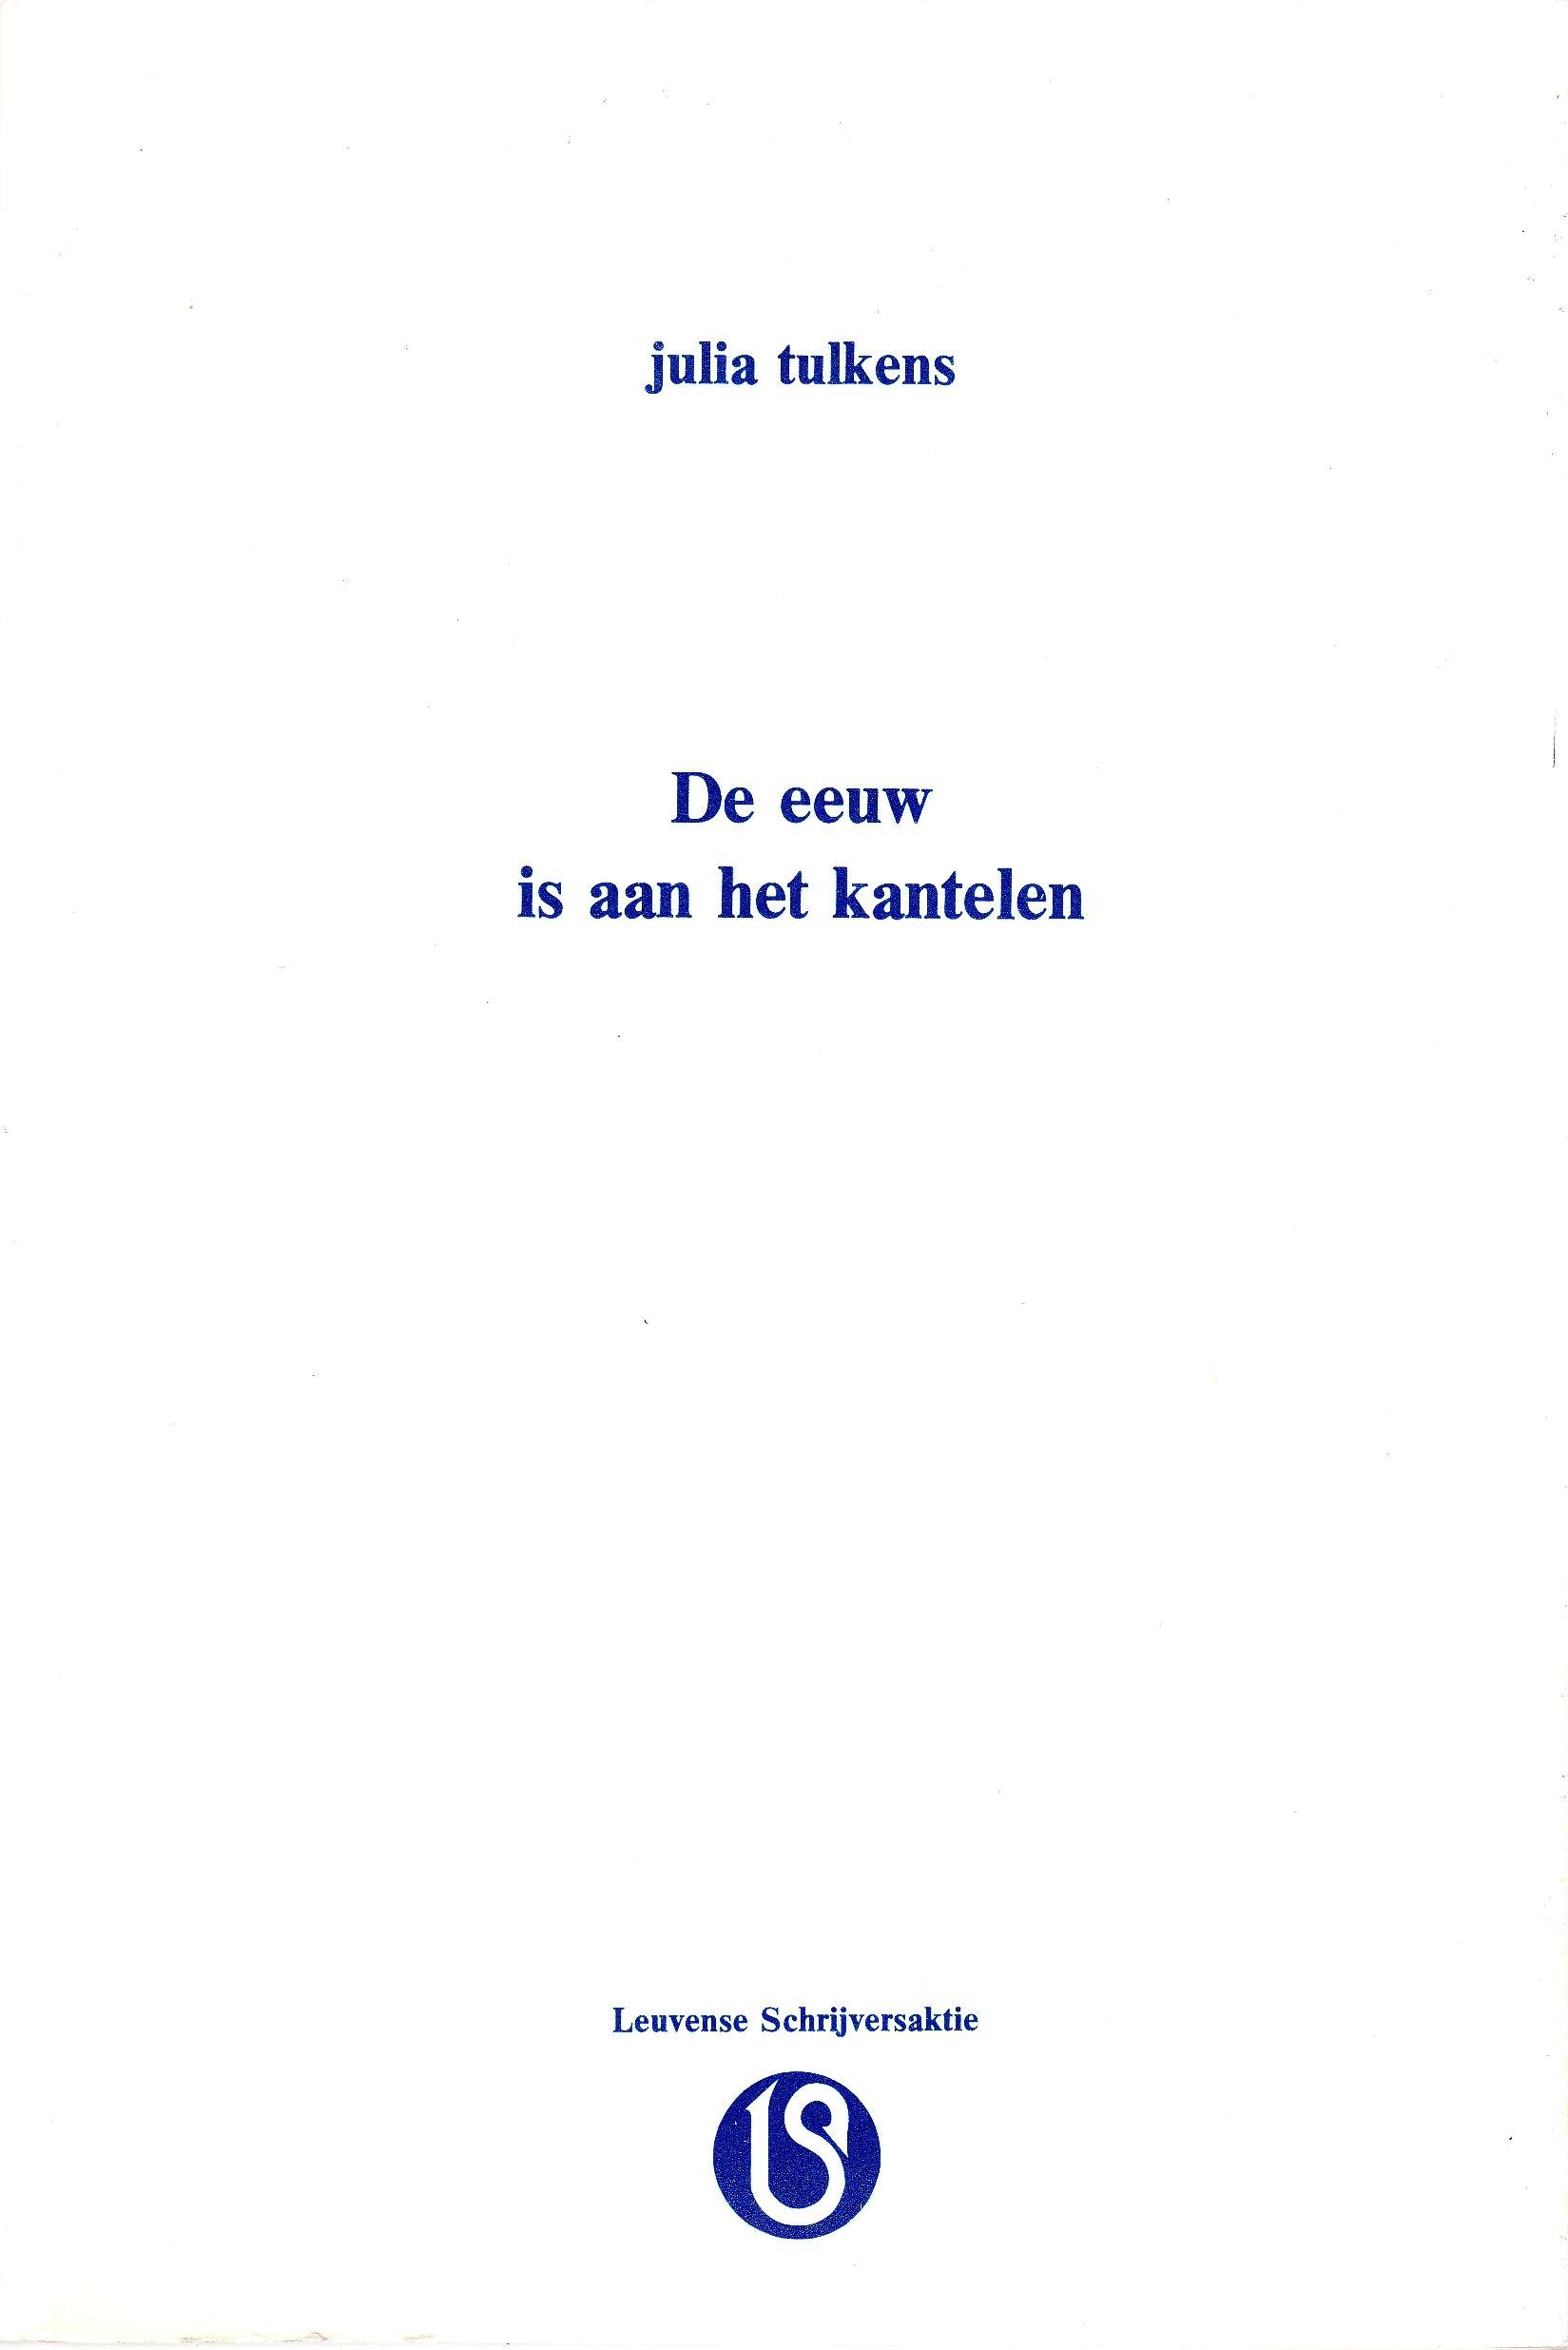 Geliefde Tulkens, Julia – Schrijversgewijs &MA12